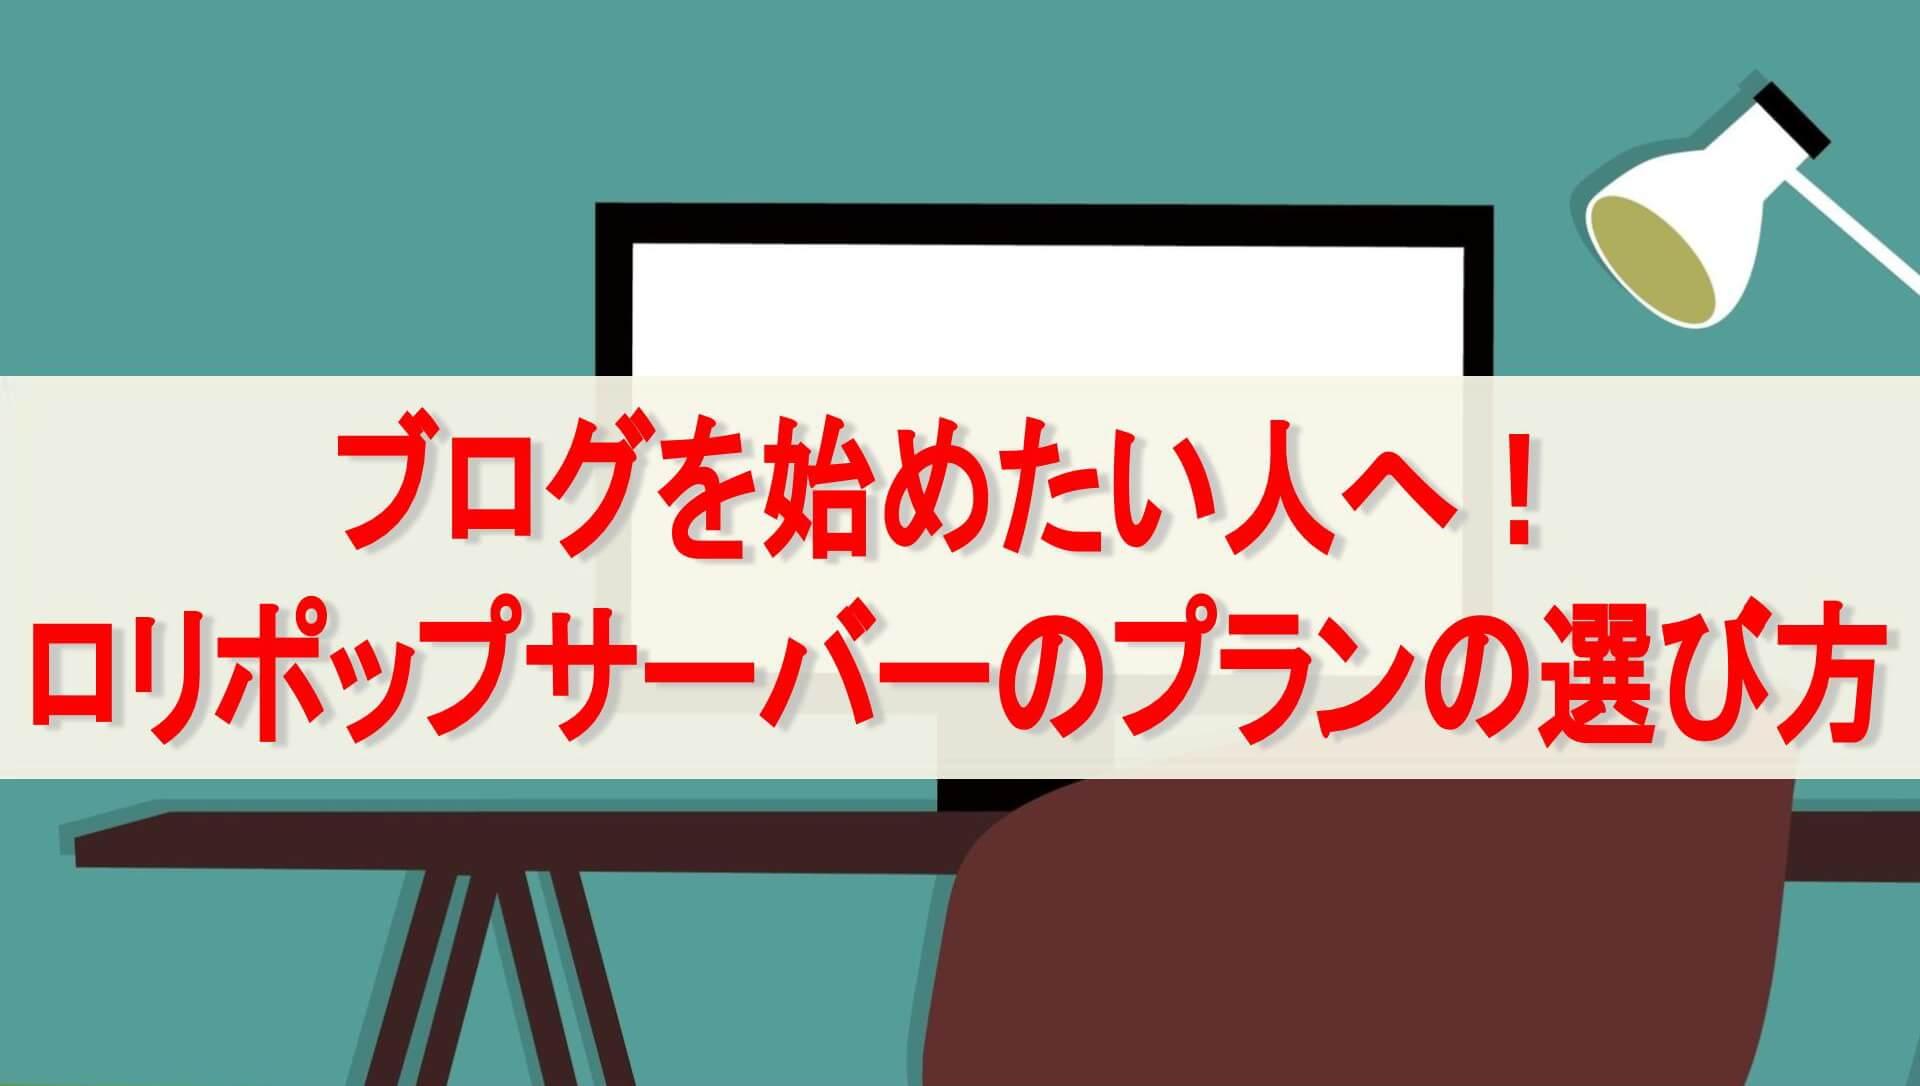 PCのイラスト テキスト「ブログを始めたい人へ!ロリポップサーバーのプランの選び方」